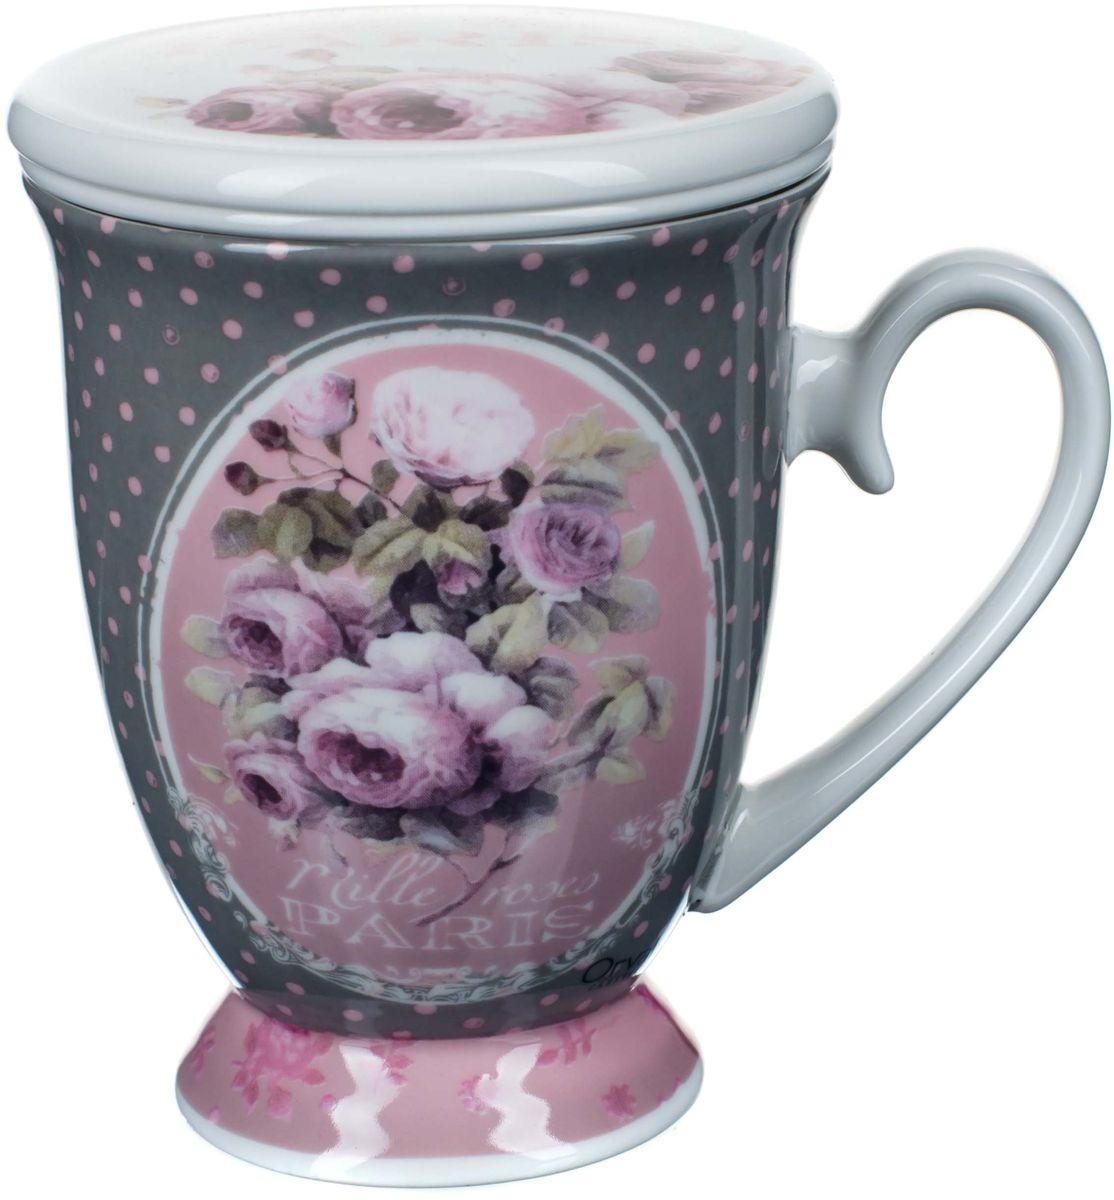 Кружка заварочная ORVAL Тысяча роз Парижа, с фильтром, 2 предмета94672Для экономии времени была придумана заварочная кружка, с помощью которой можно удобно и быстро заварить чай. Она позволяет совмещать удобство и комфорт с полезностью и качеством.